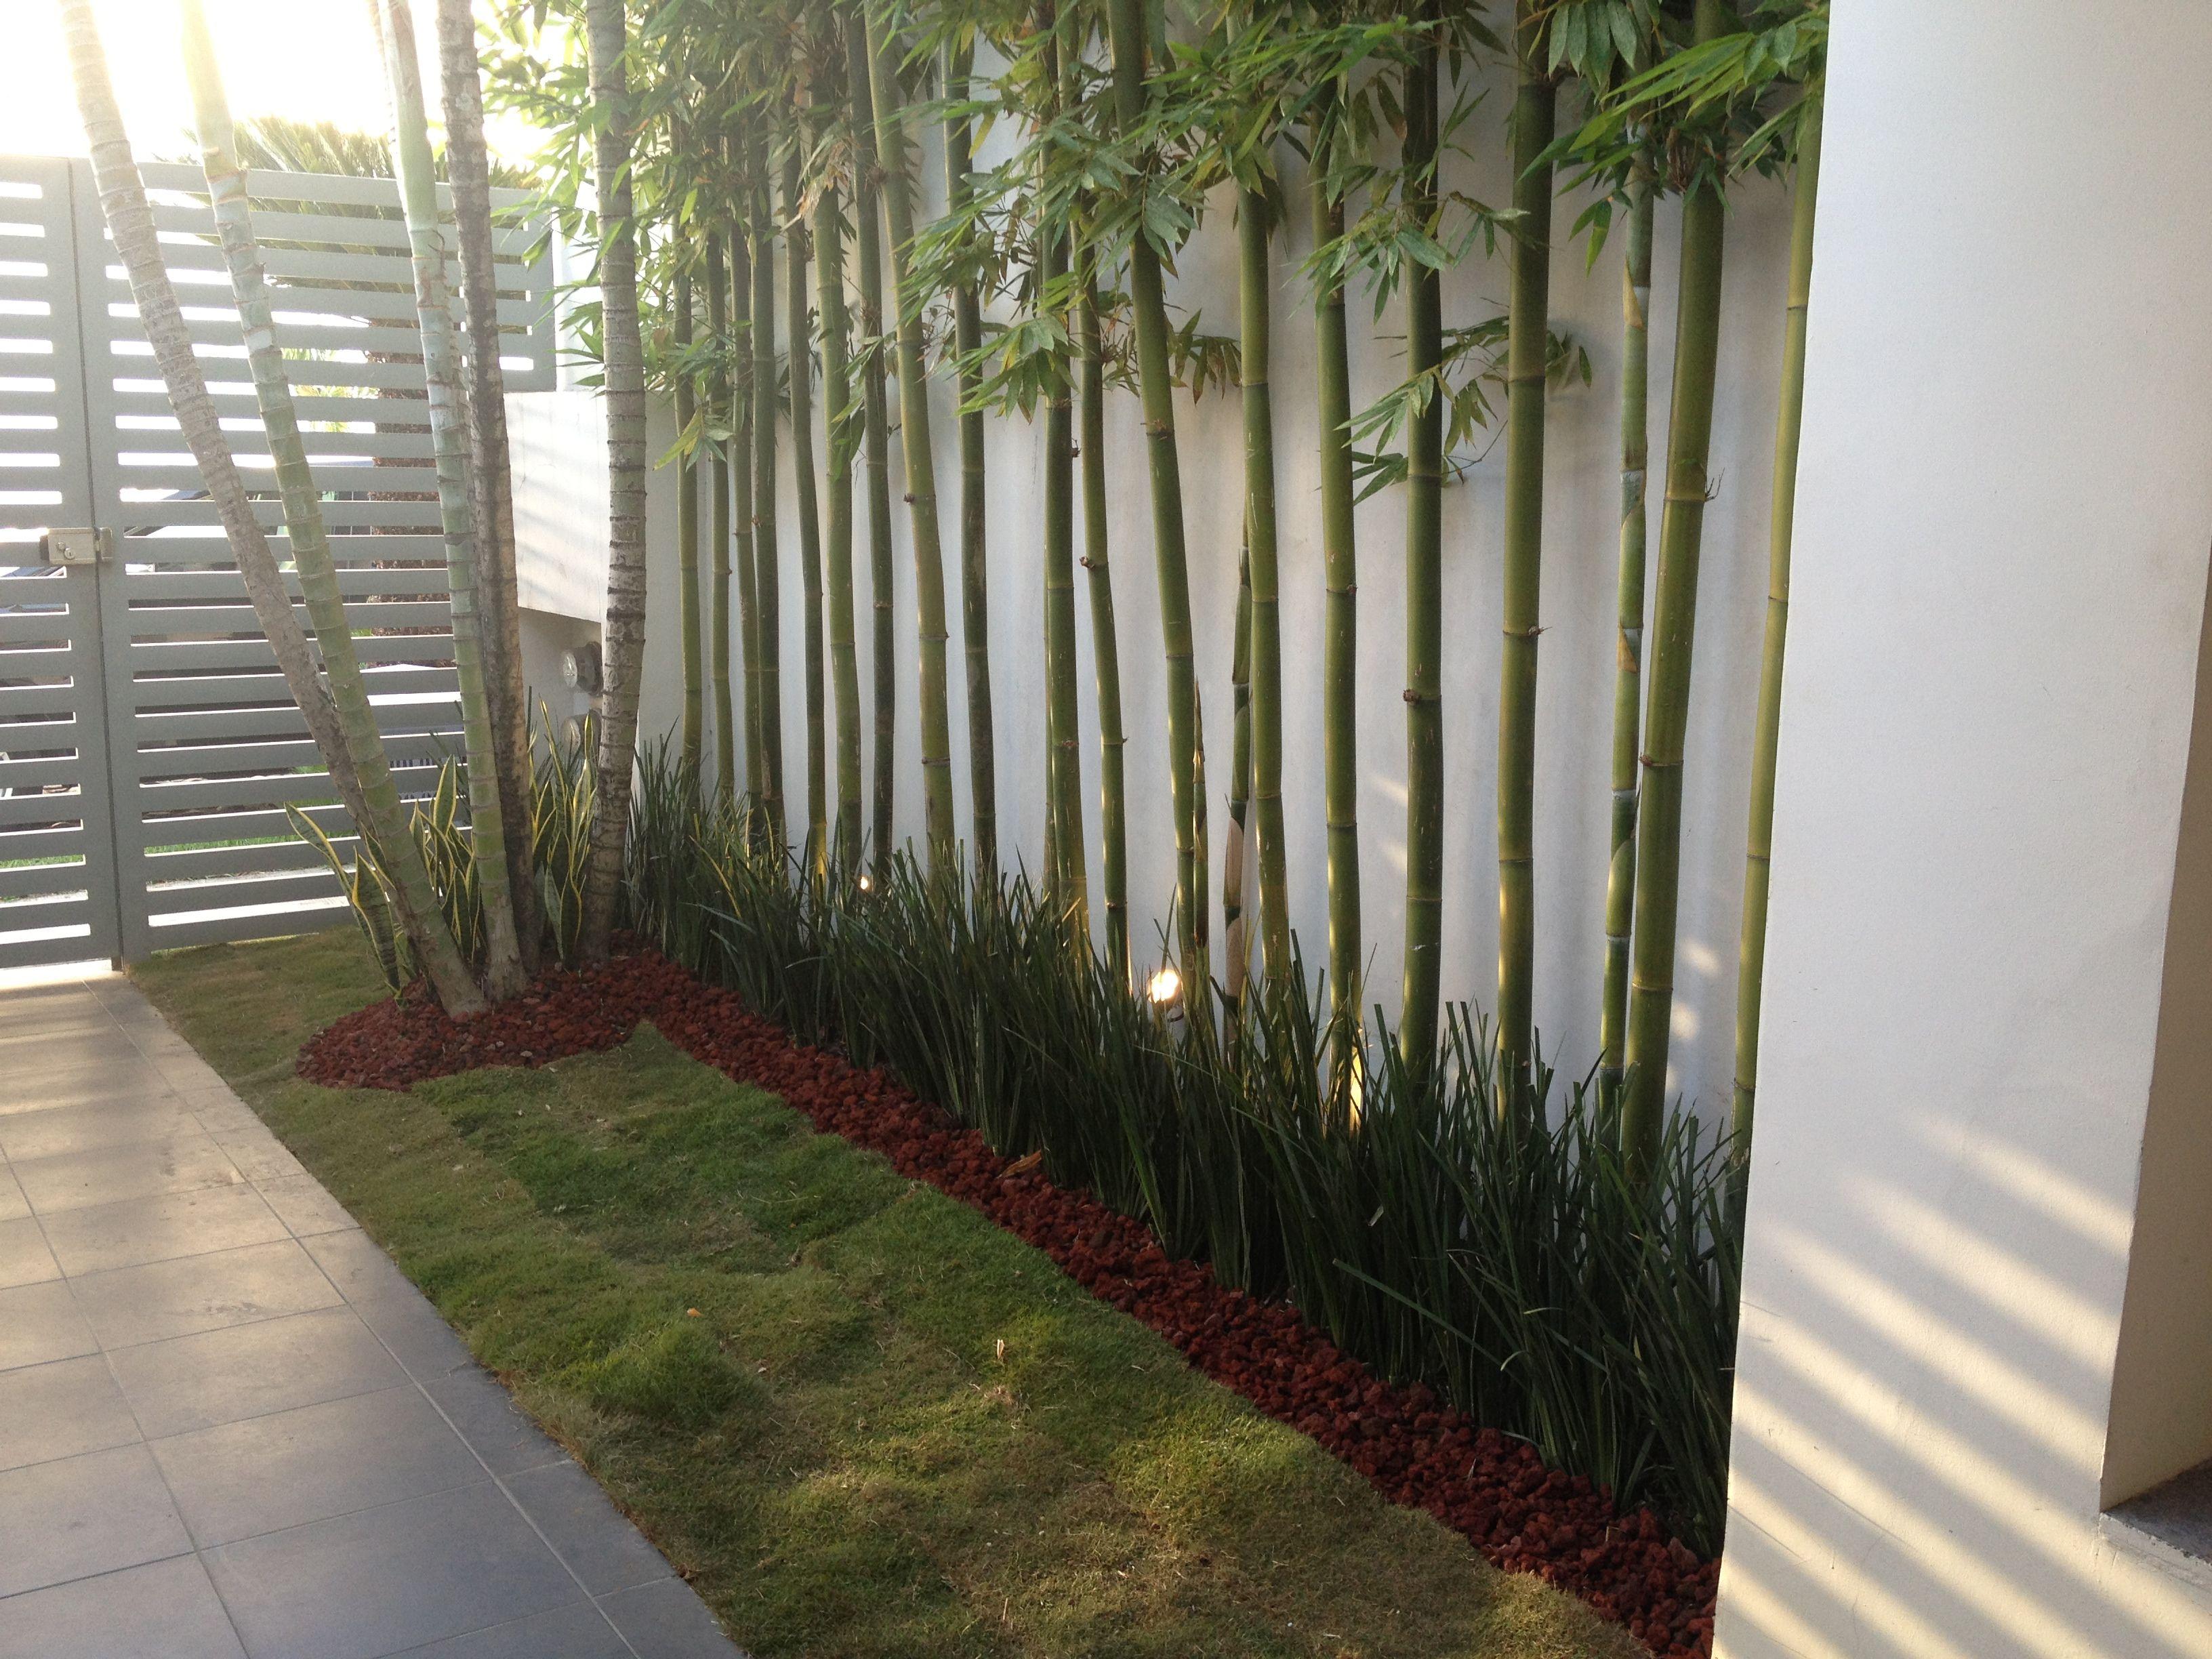 Jard n sencillo hecho con bambus lirios y piedra de zenzontle jardines pinterest jardins - Jardineras con bambu ...